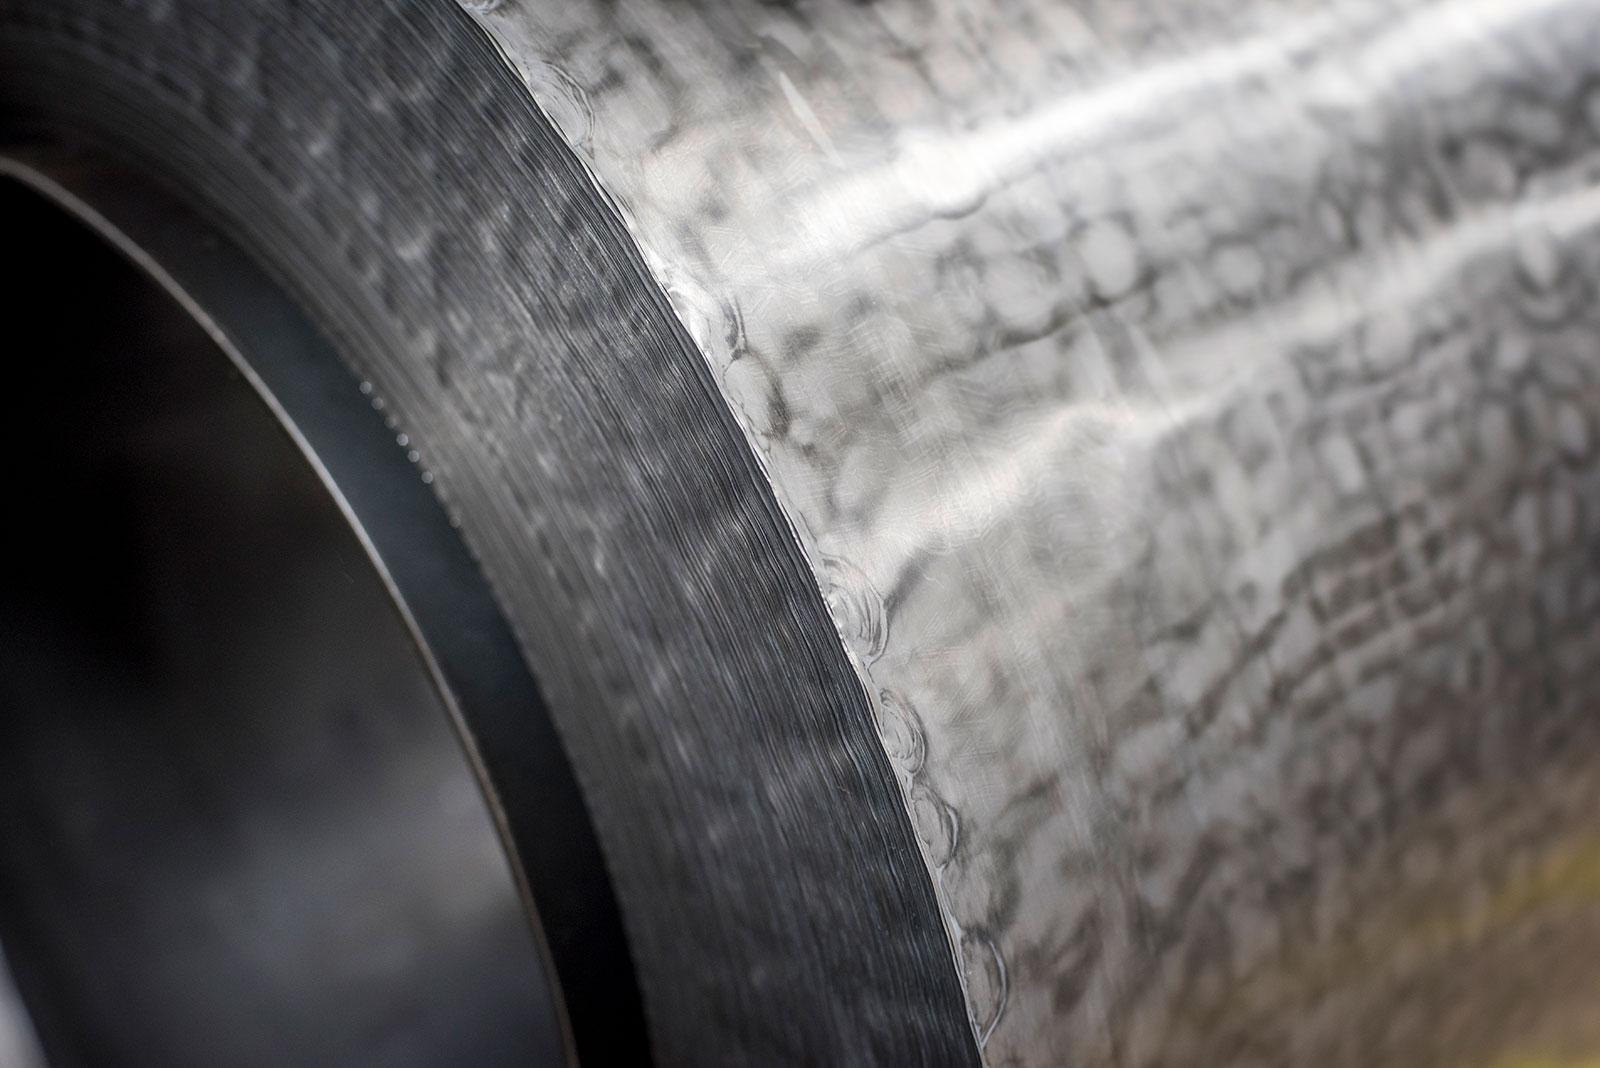 Grain Oriented Electrical Steel (GOES)